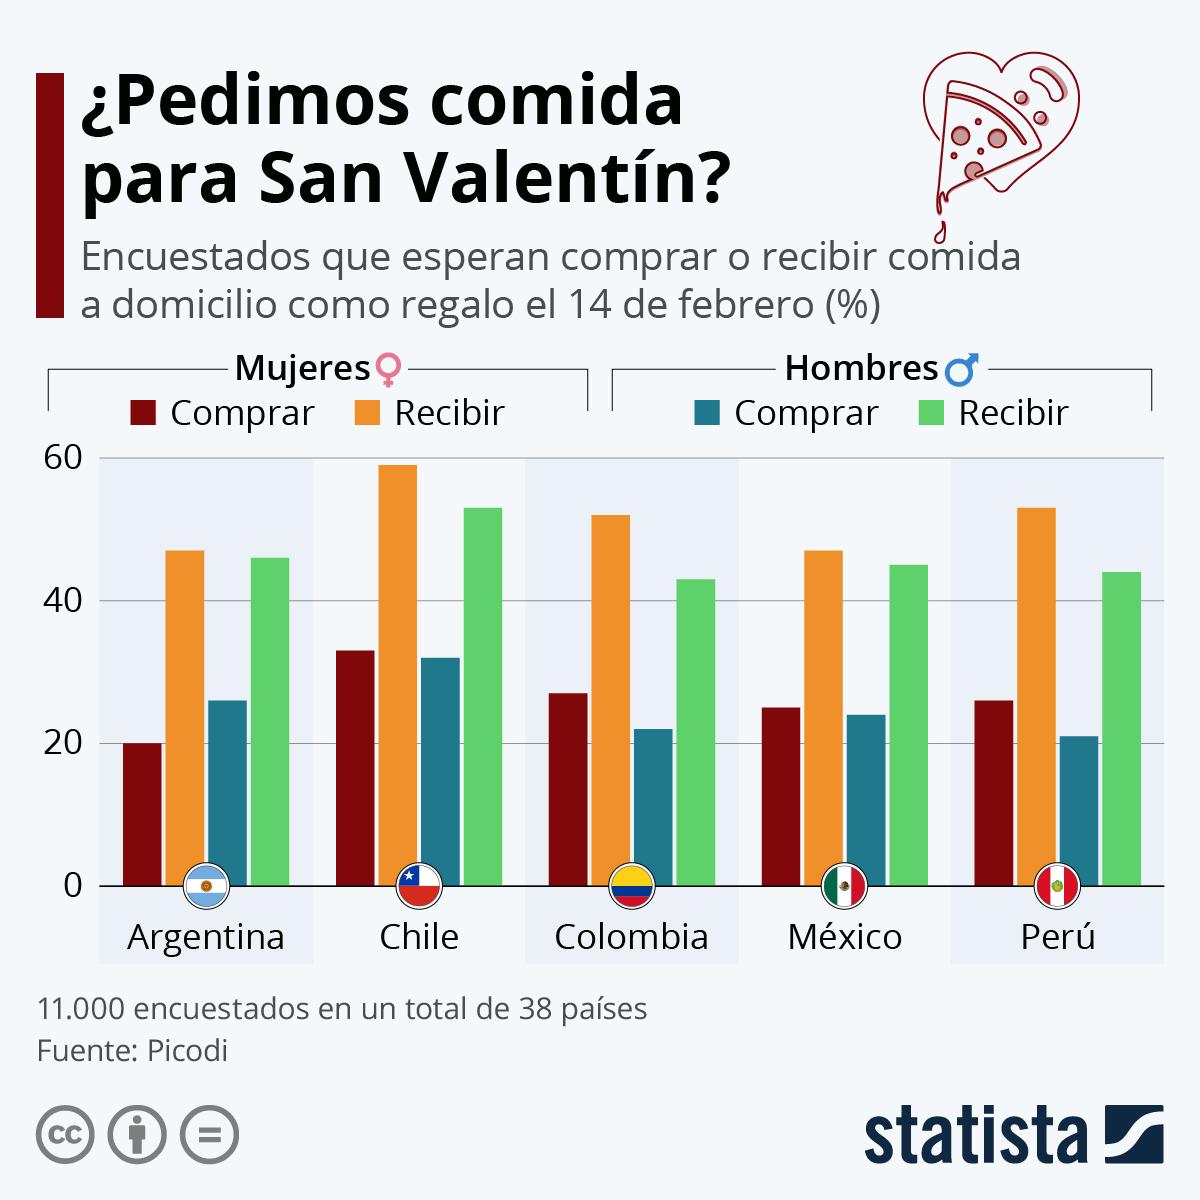 Infografía: ¿Pedimos comida para San Valentín? | Statista